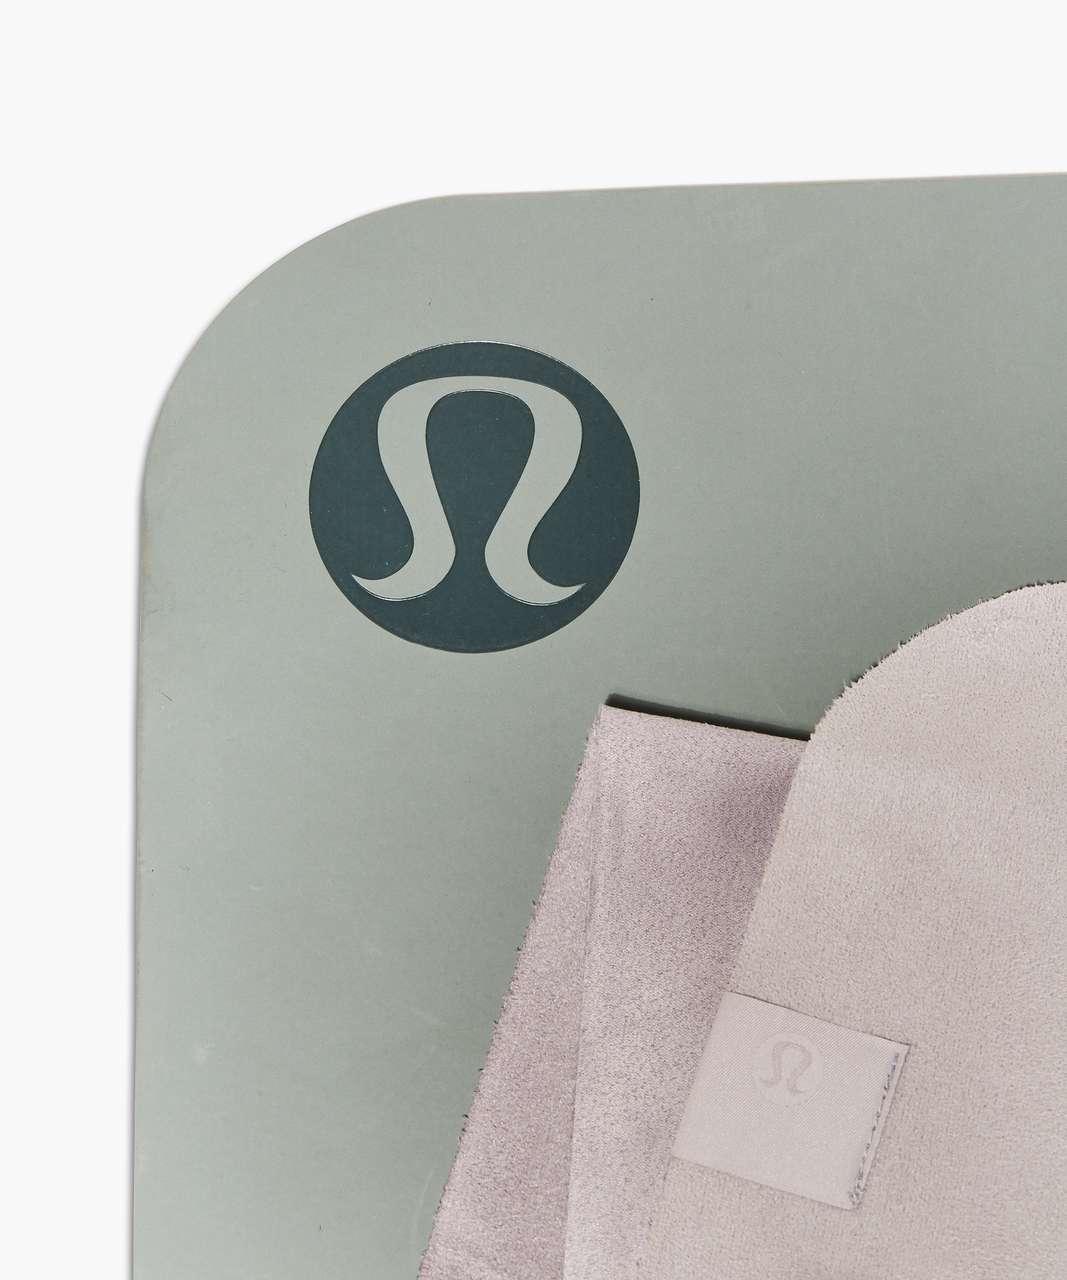 Lululemon The (Small) Towel (Taryn Toomey Collection) - Taryn Toomey Towel Chrome Dark Chrome